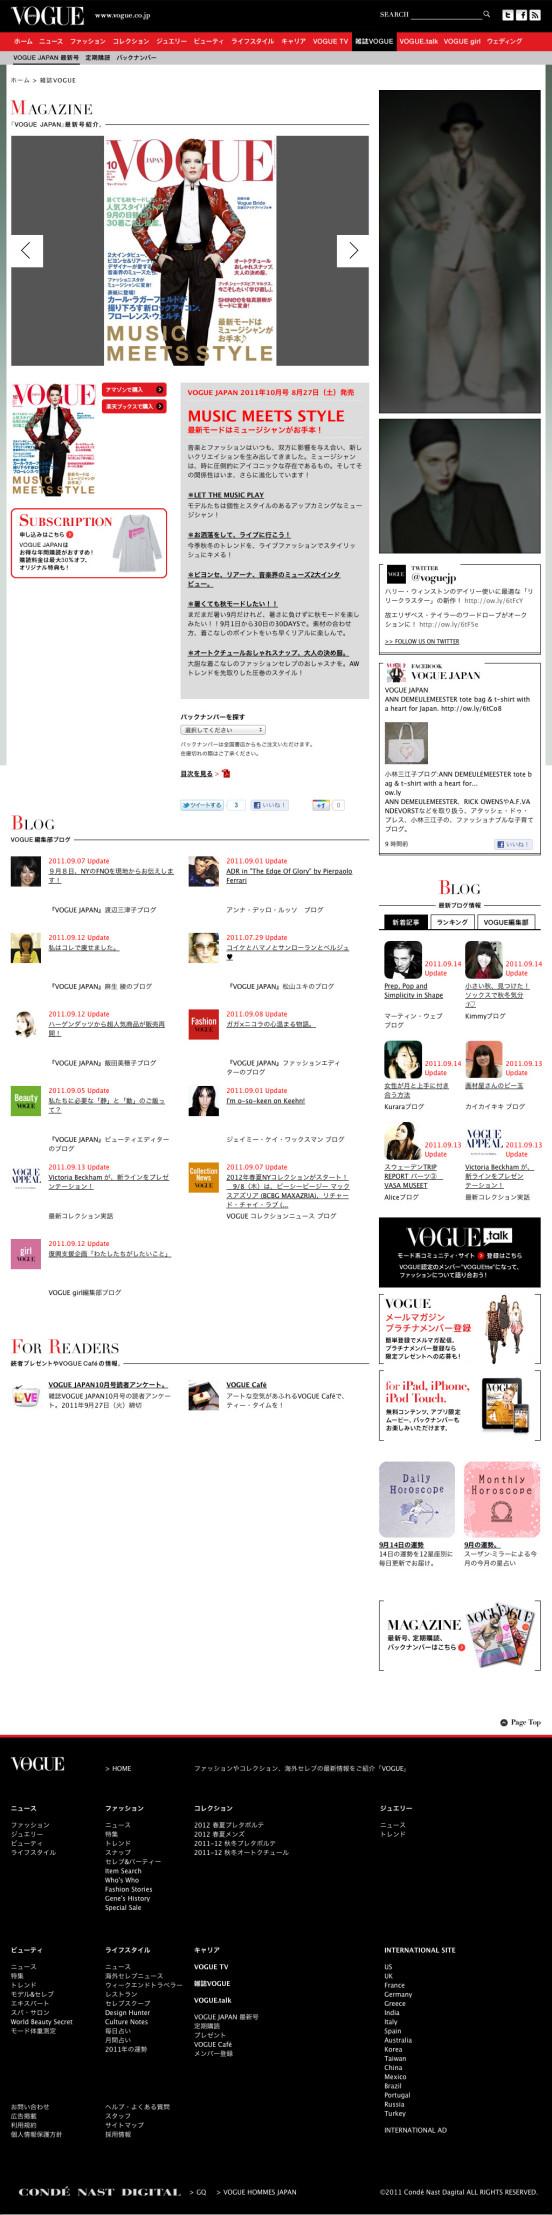 ファッション、コレクション、海外セレブの最新情報 VOGUE_3